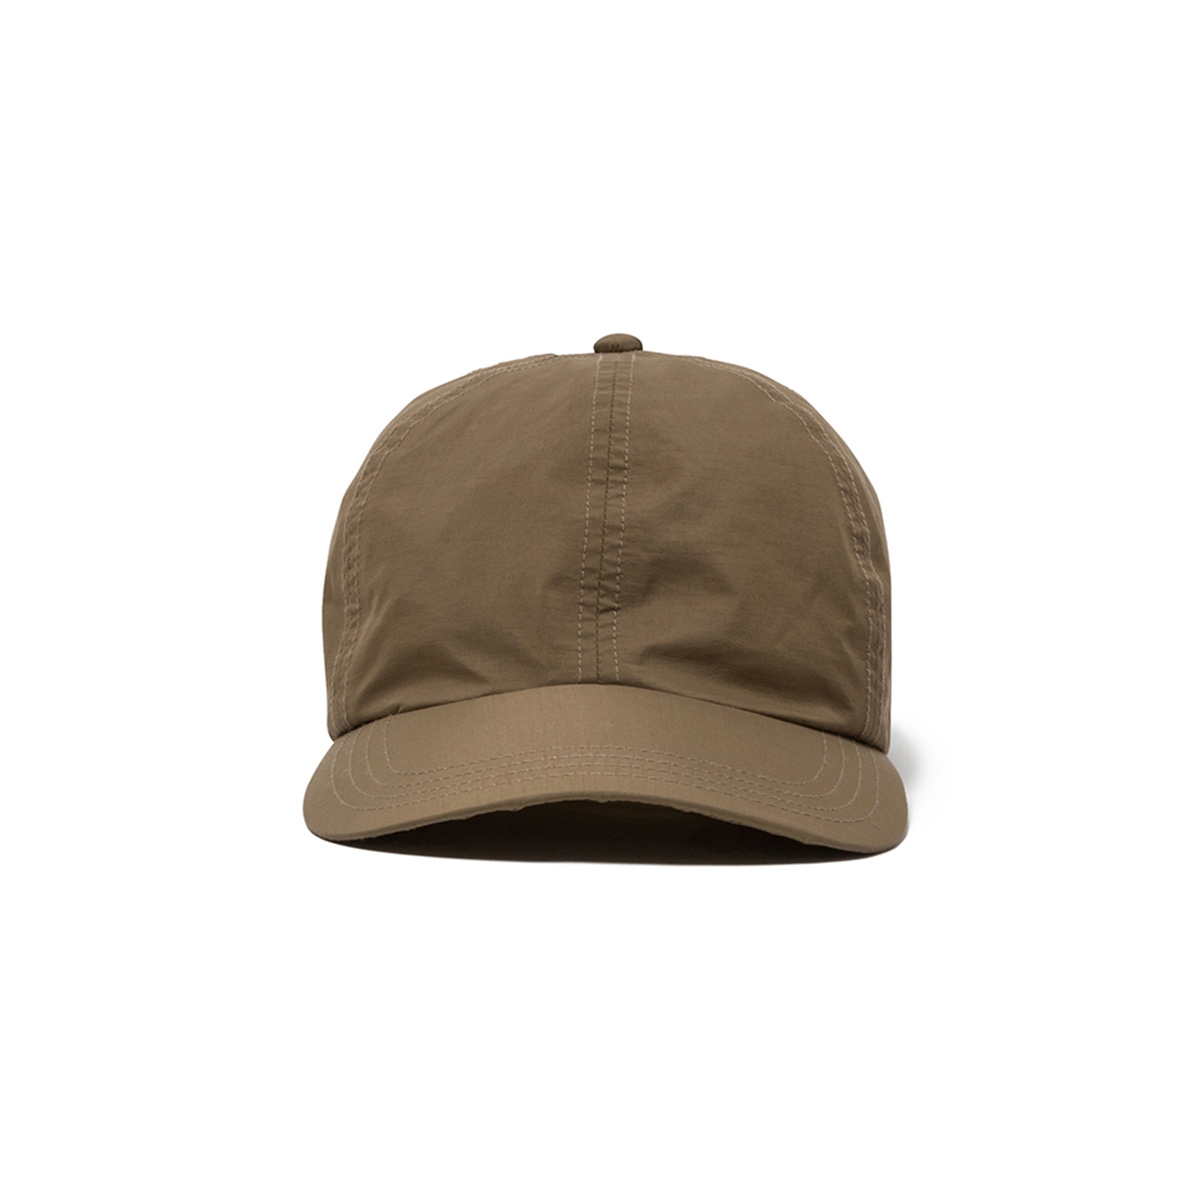 nonnative / DWELLER 6P CAP NYLON RIPSTOP WITH GORE-TEX 2L -Beige